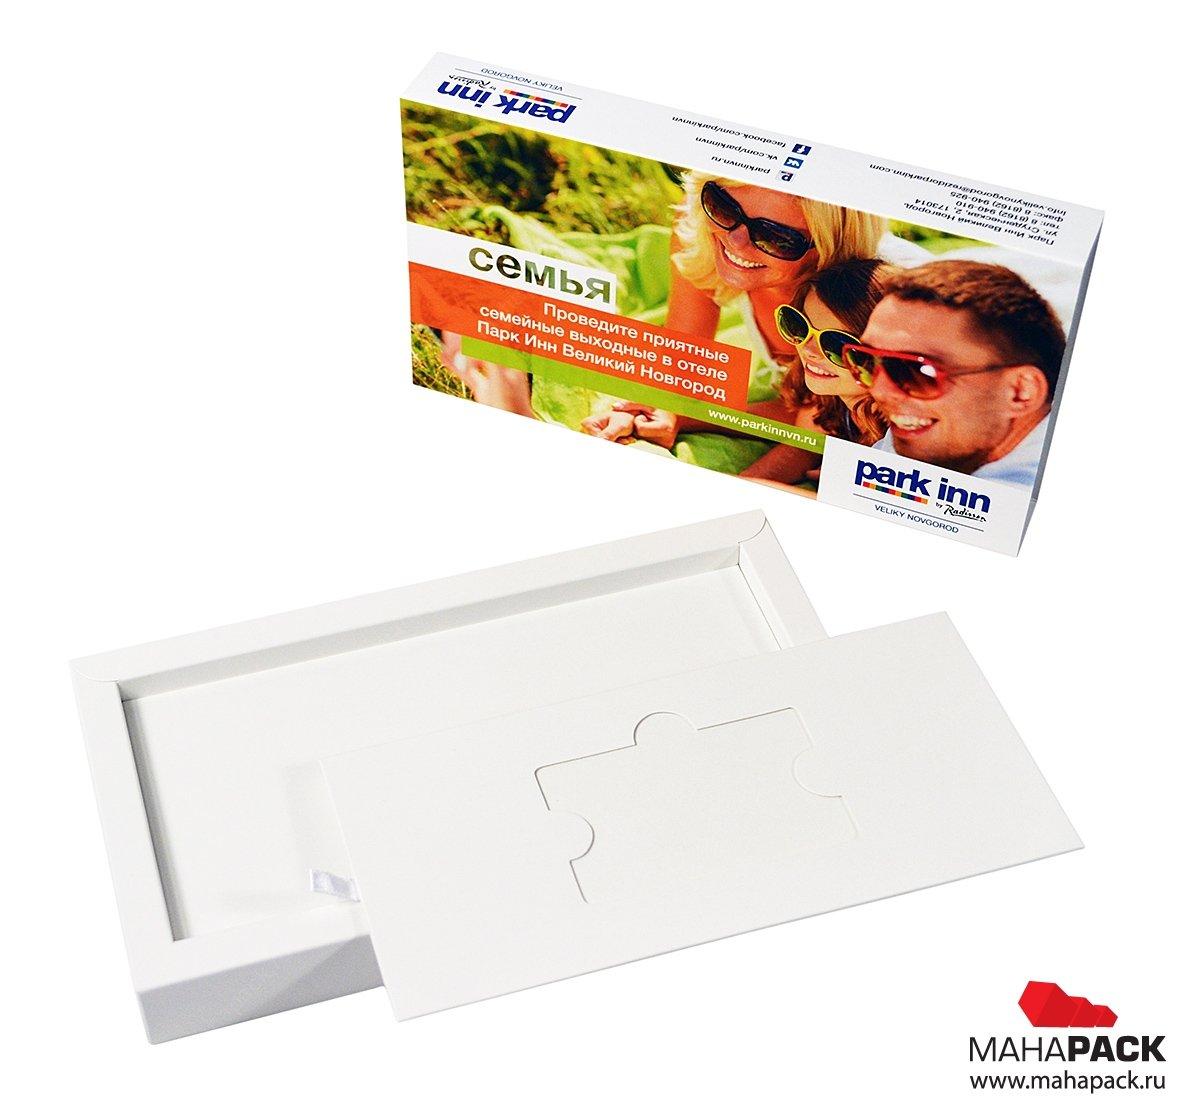 Производство упаковок из картона